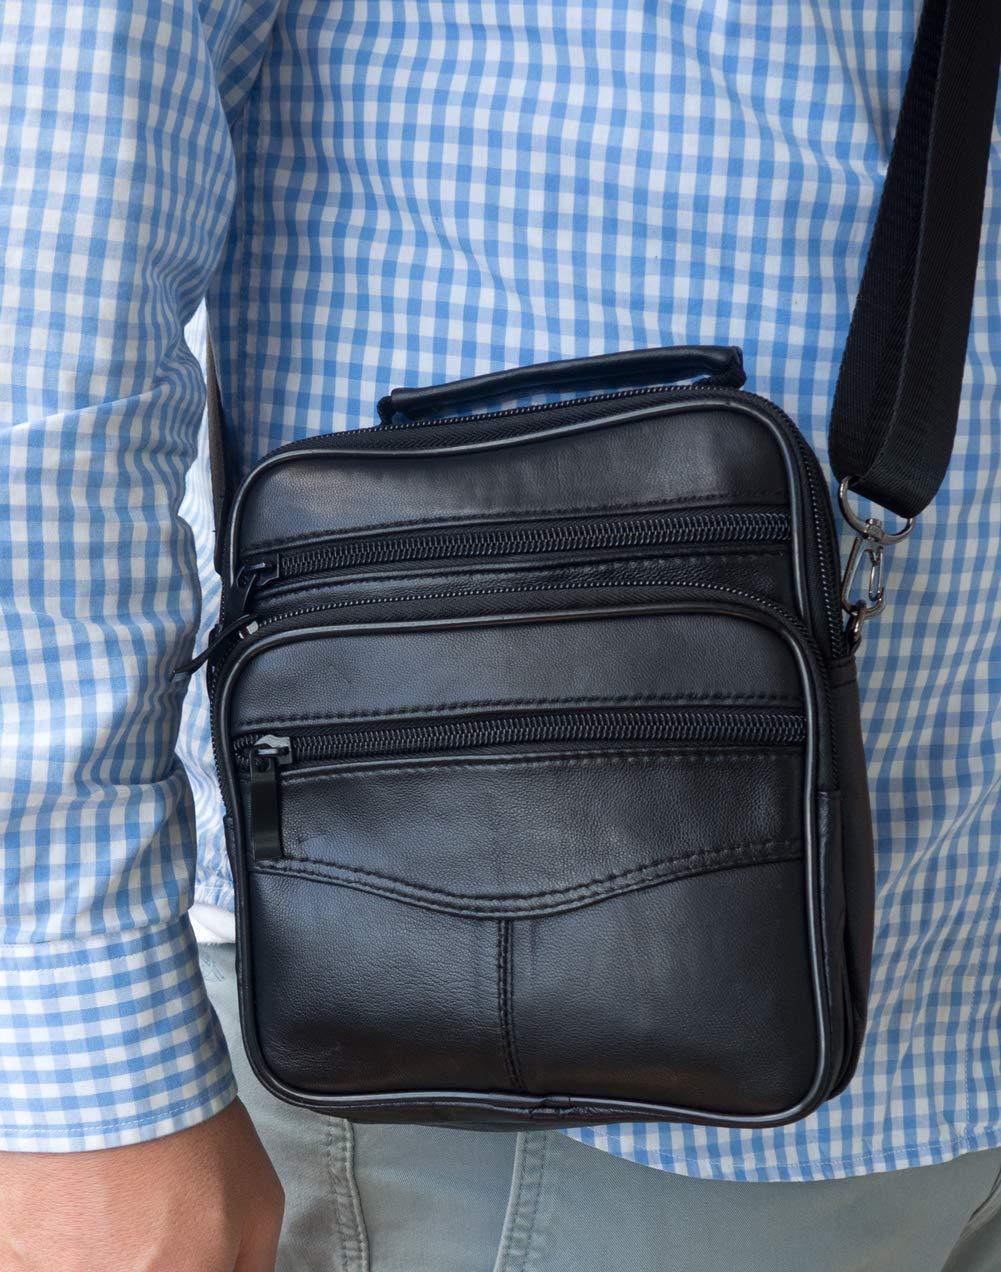 Bolso Bandolera pequeño de Piel auténtica para Hombre, Bolso de Negocios (Negro)